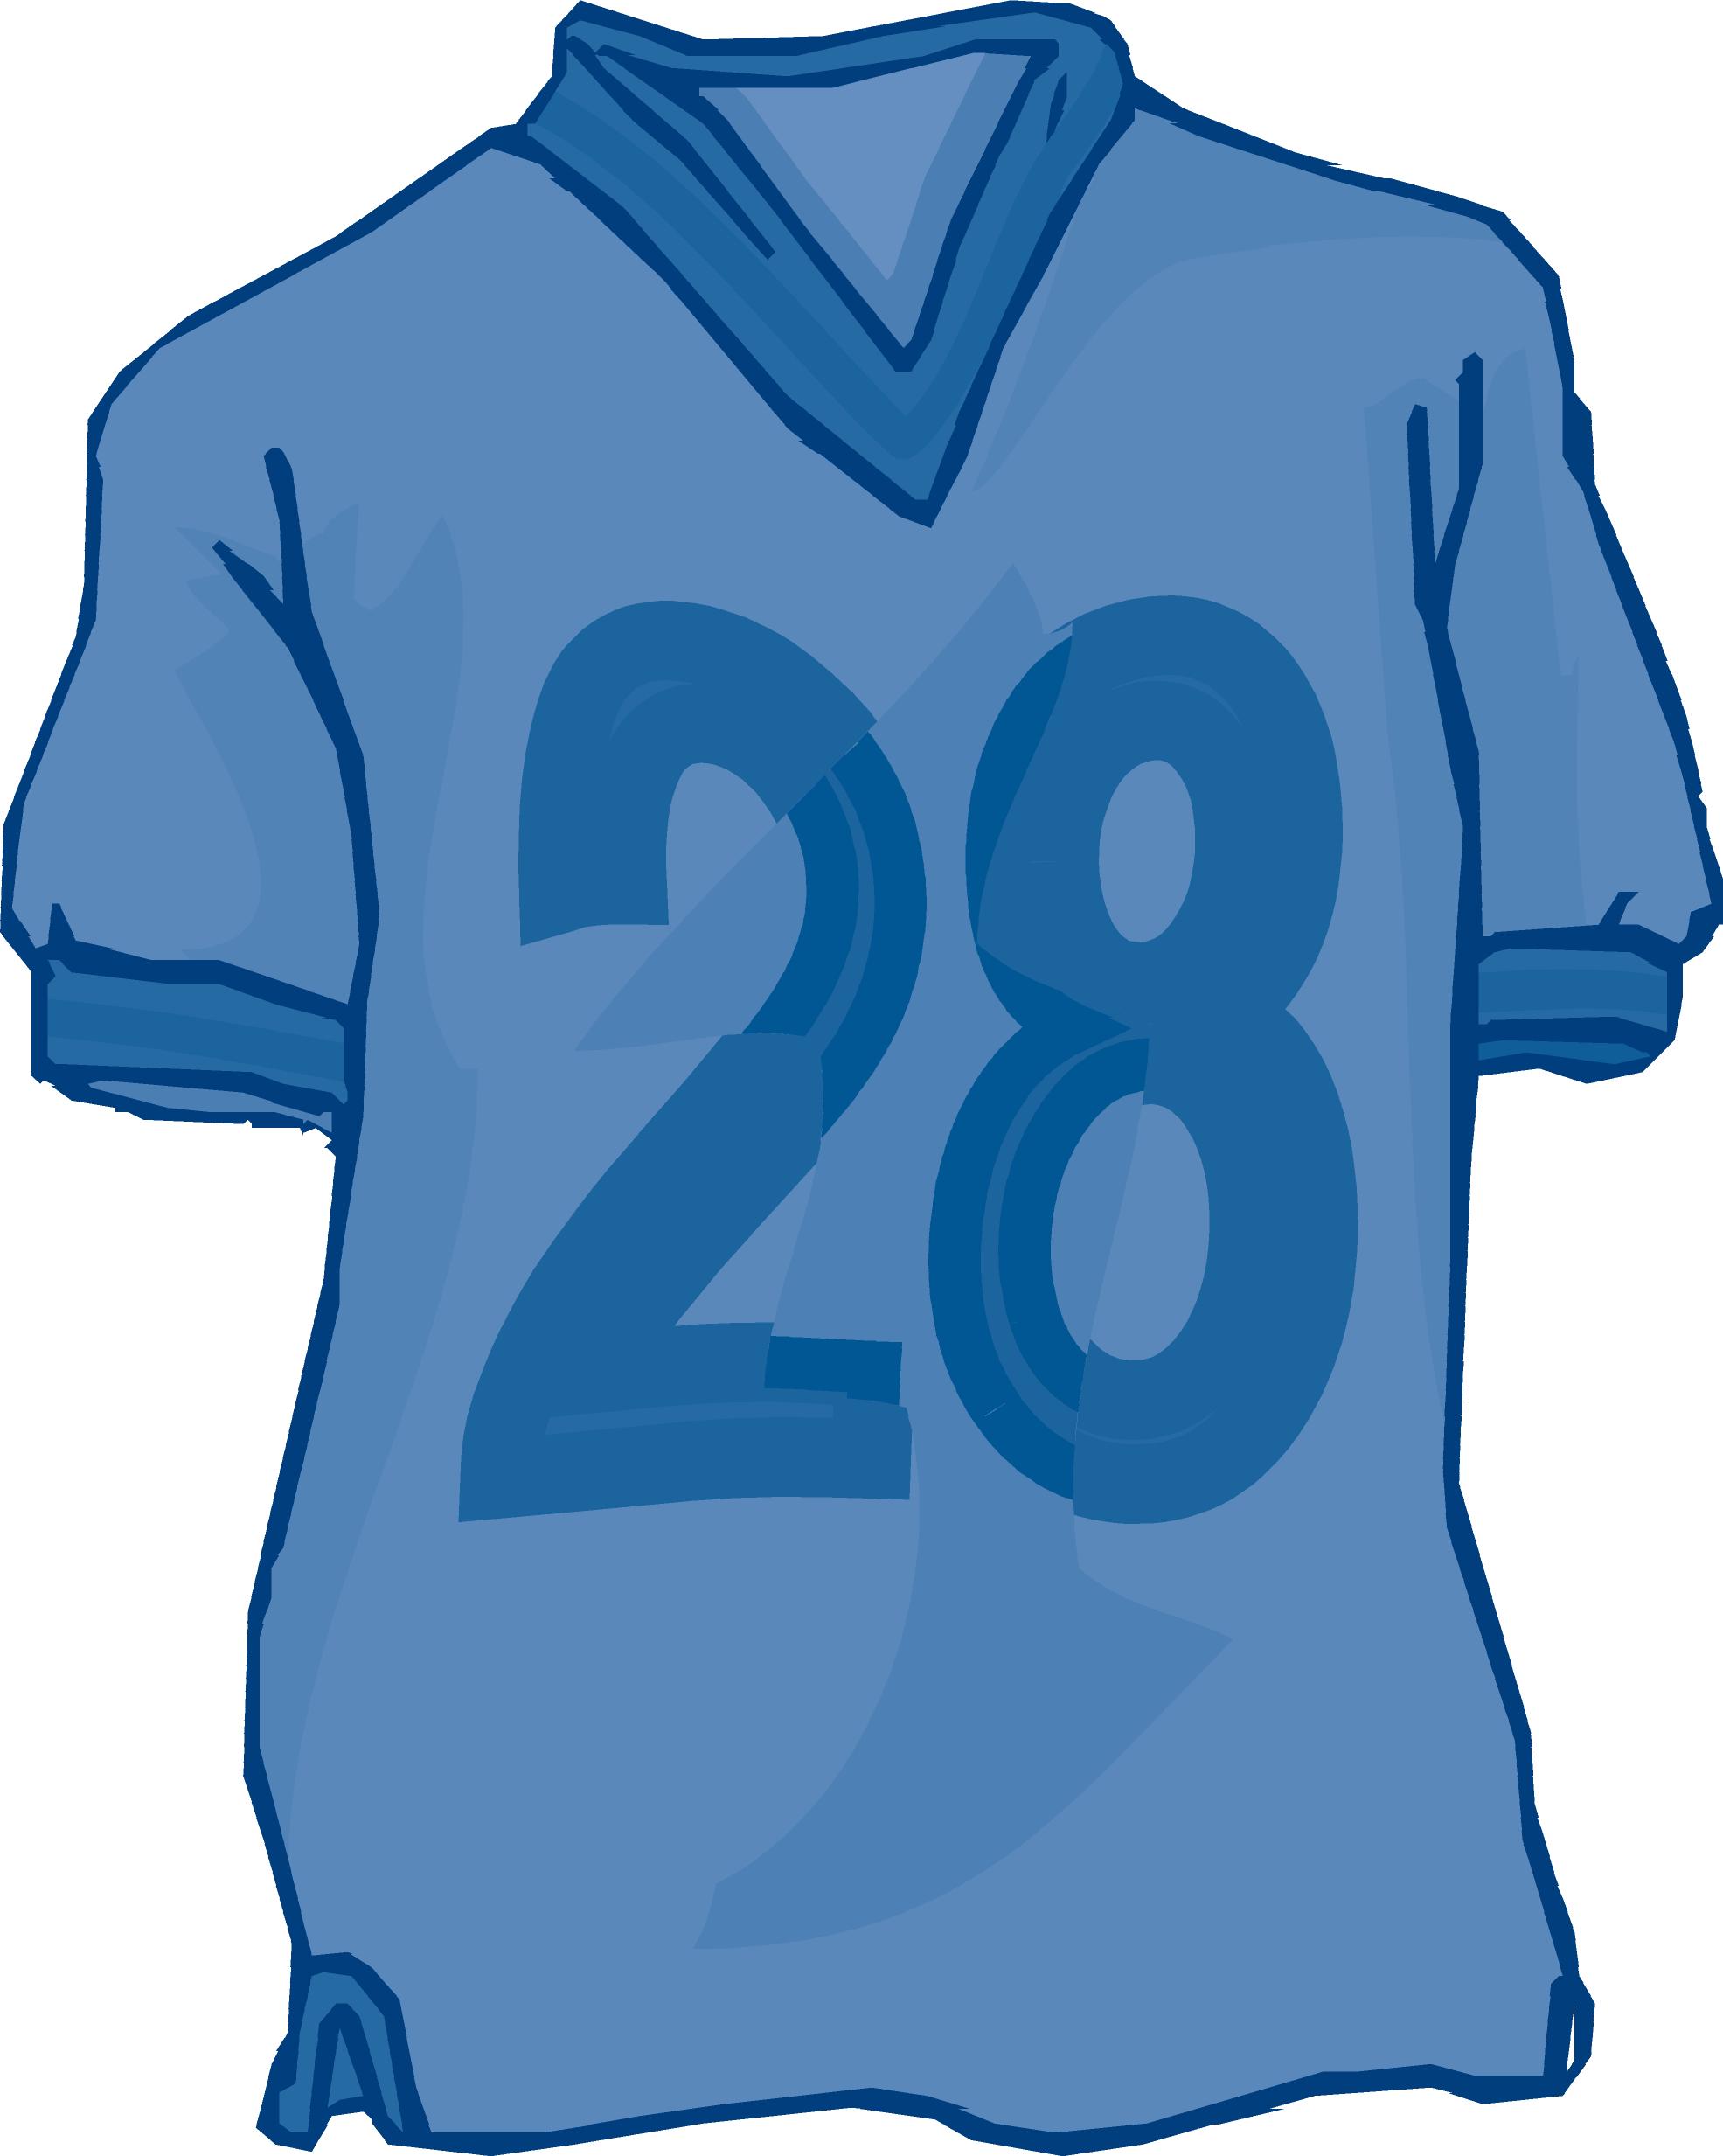 Uniform clipart football uniform #15